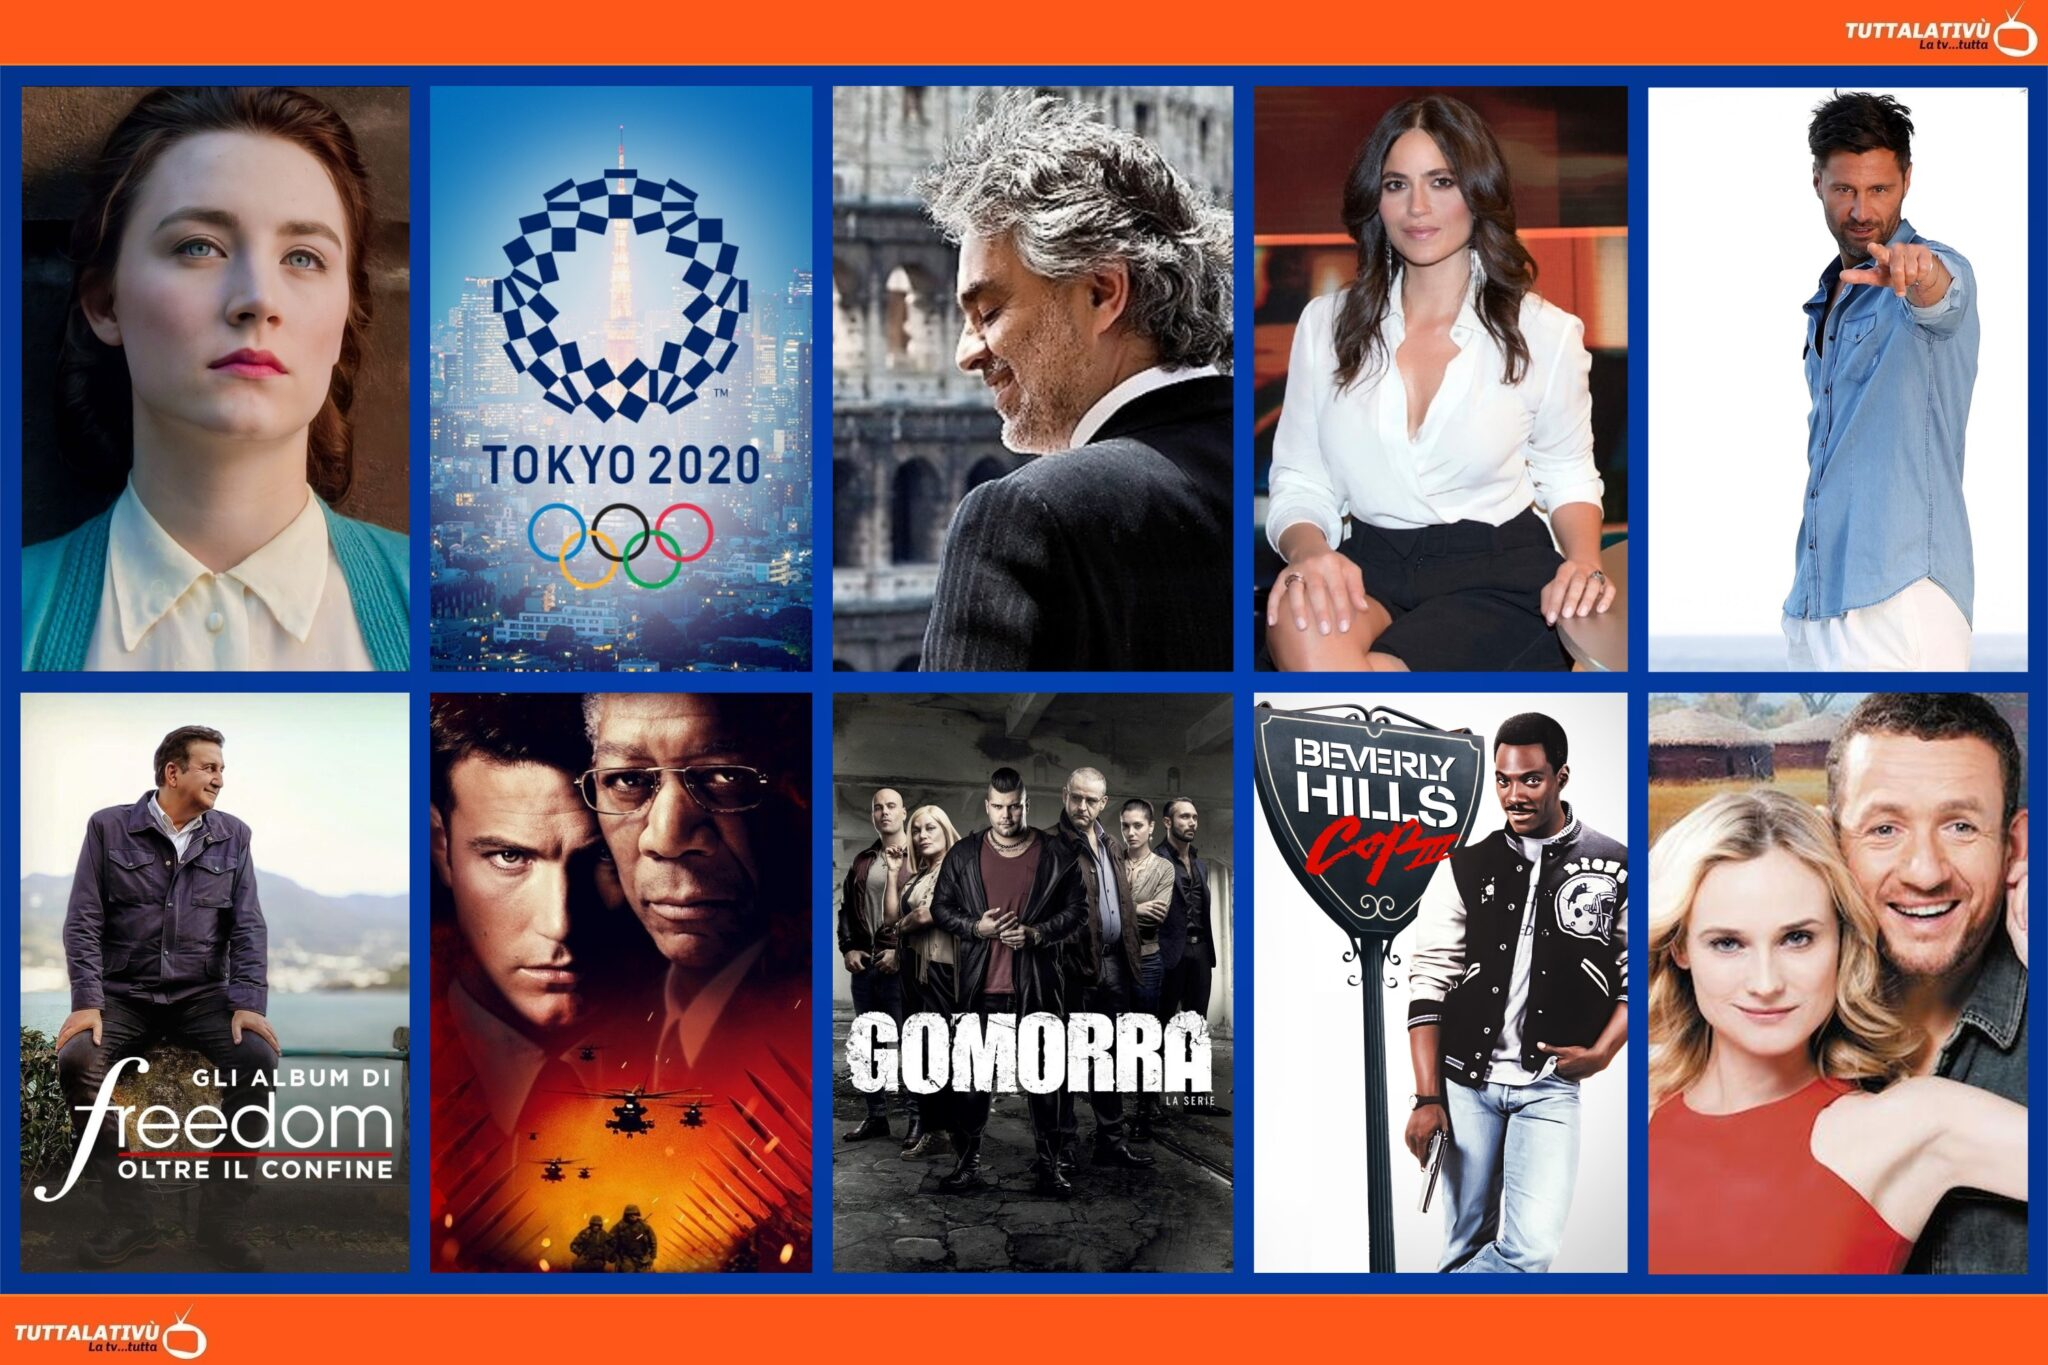 GuidaTV 26 Luglio 2021: Temptation Island, Brooklyn, le Olimpiadi di Tokyo 2020, Andrea Bocelli, la novità Controcorrente, Un piano perfetto (Iris)